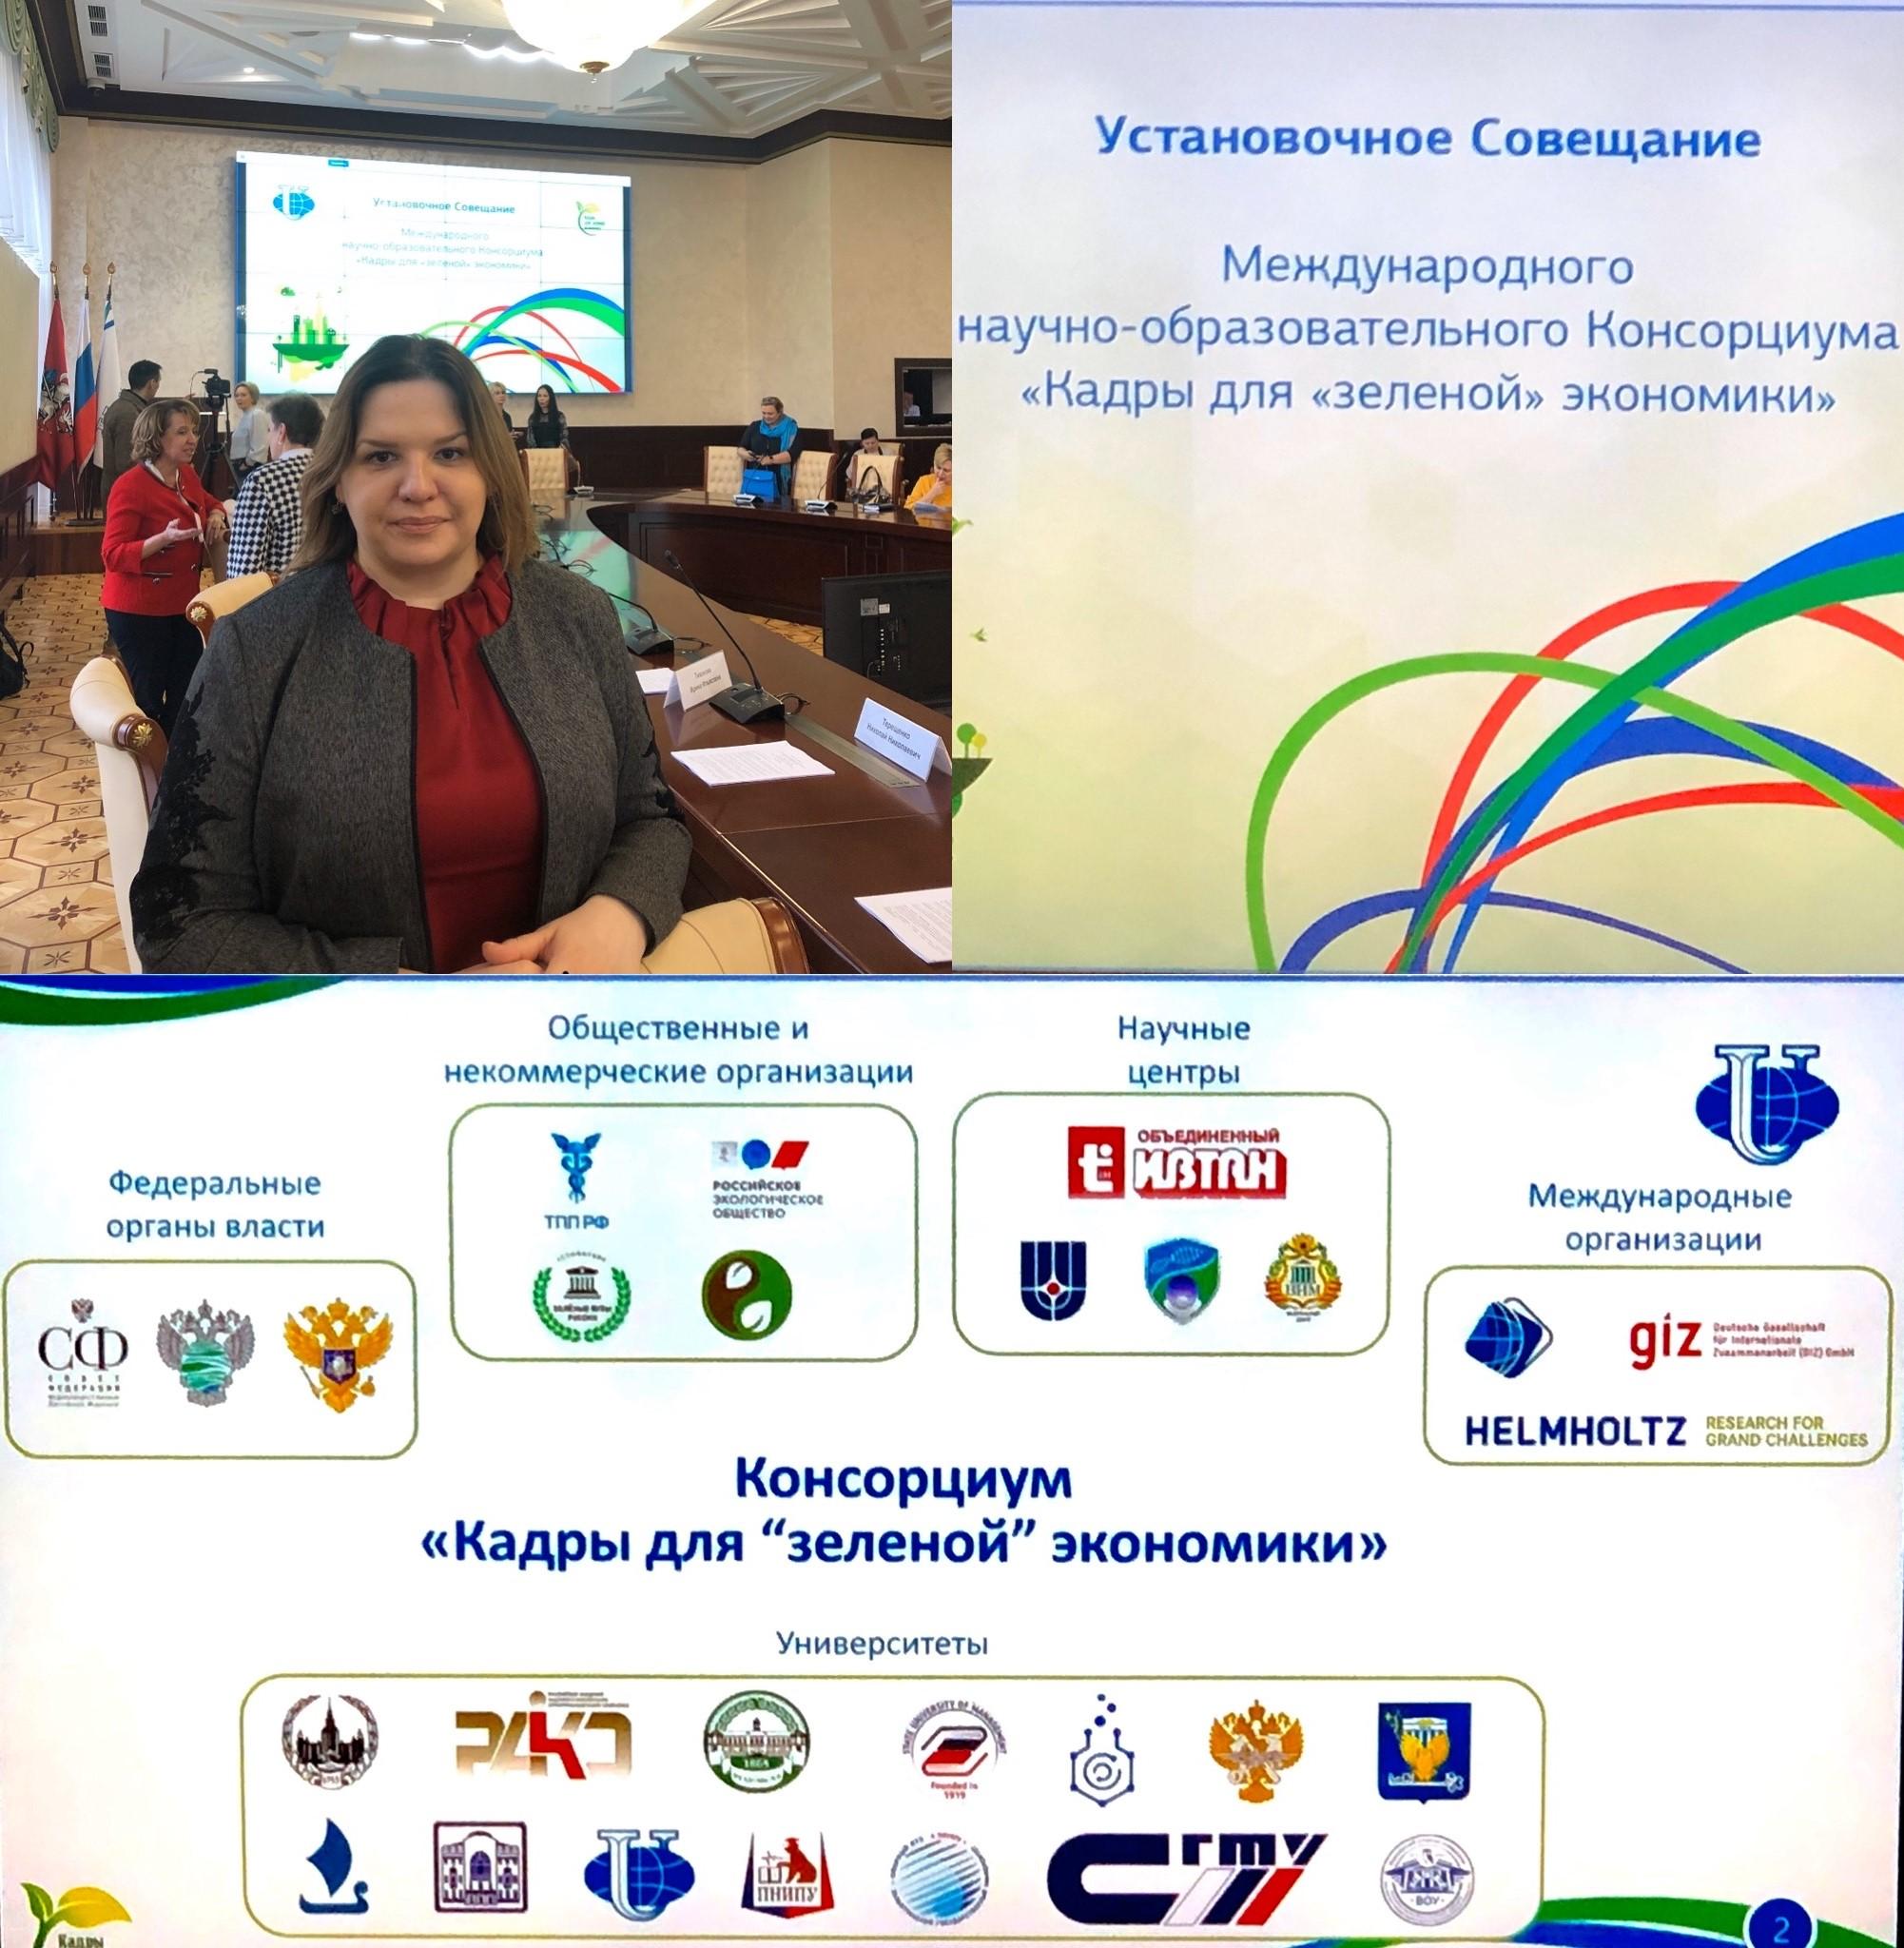 Установочное совещание Международного научно-образовательного Консорциума «Кадры для «зеленой» экономики»